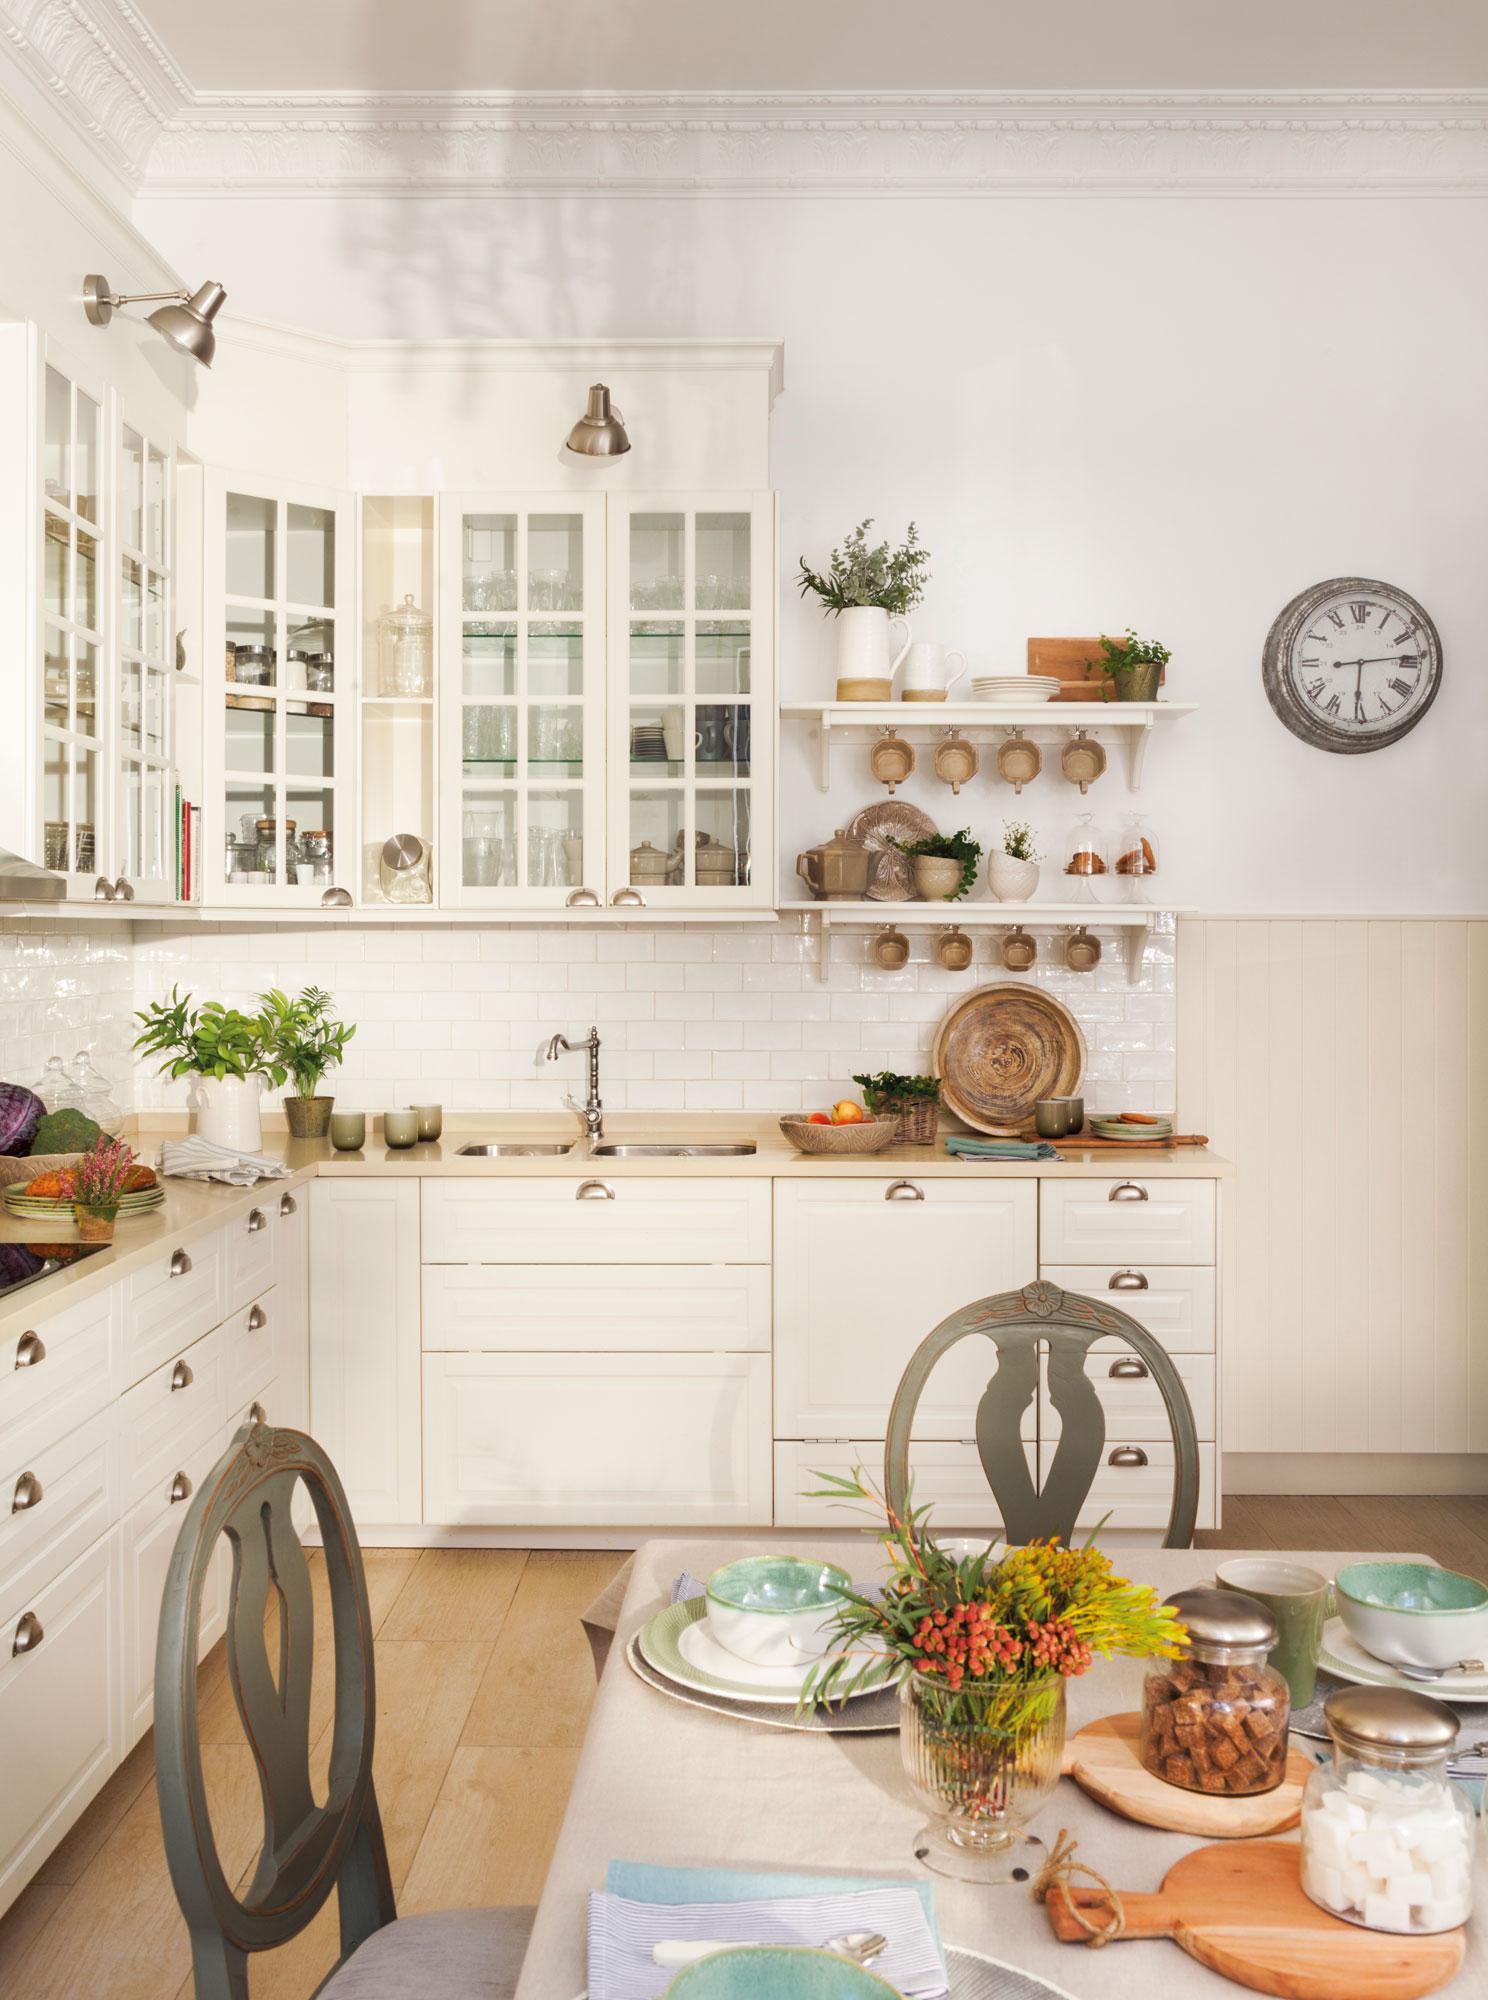 849 fotos de muebles de cocina for Fotos de muebles de cocina